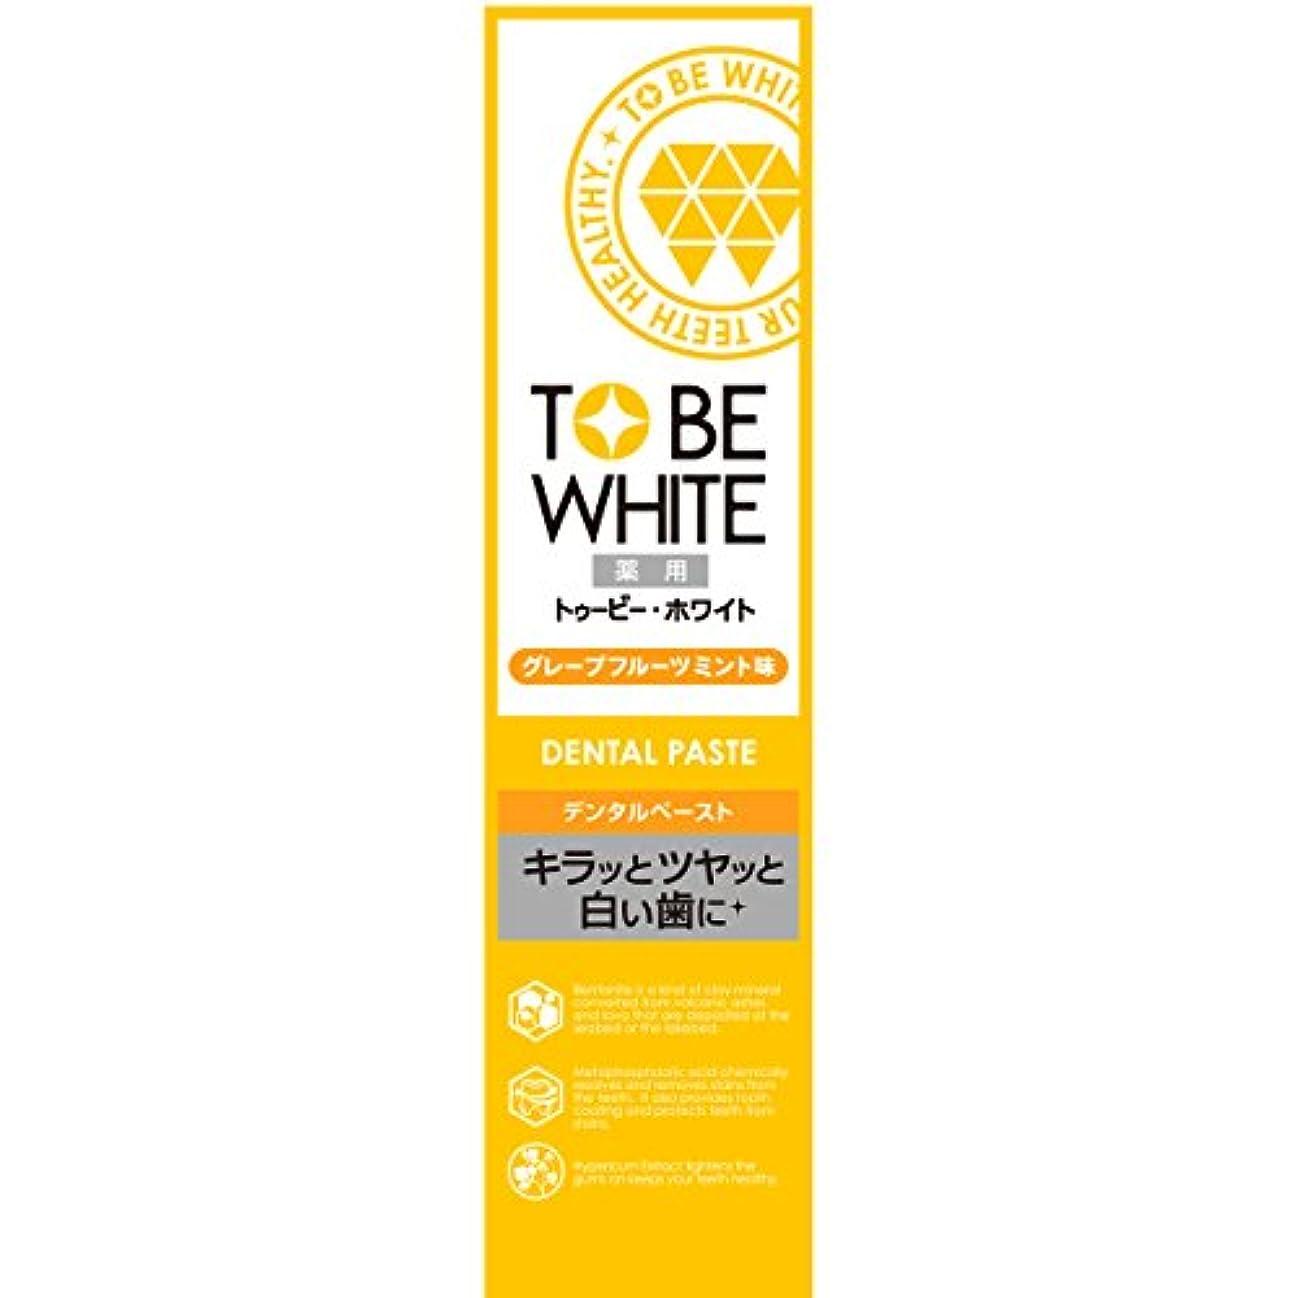 規則性バウンド経験者トゥービー?ホワイト 薬用 ホワイトニング ハミガキ粉 グレープフルーツミント 味 60g 【医薬部外品】